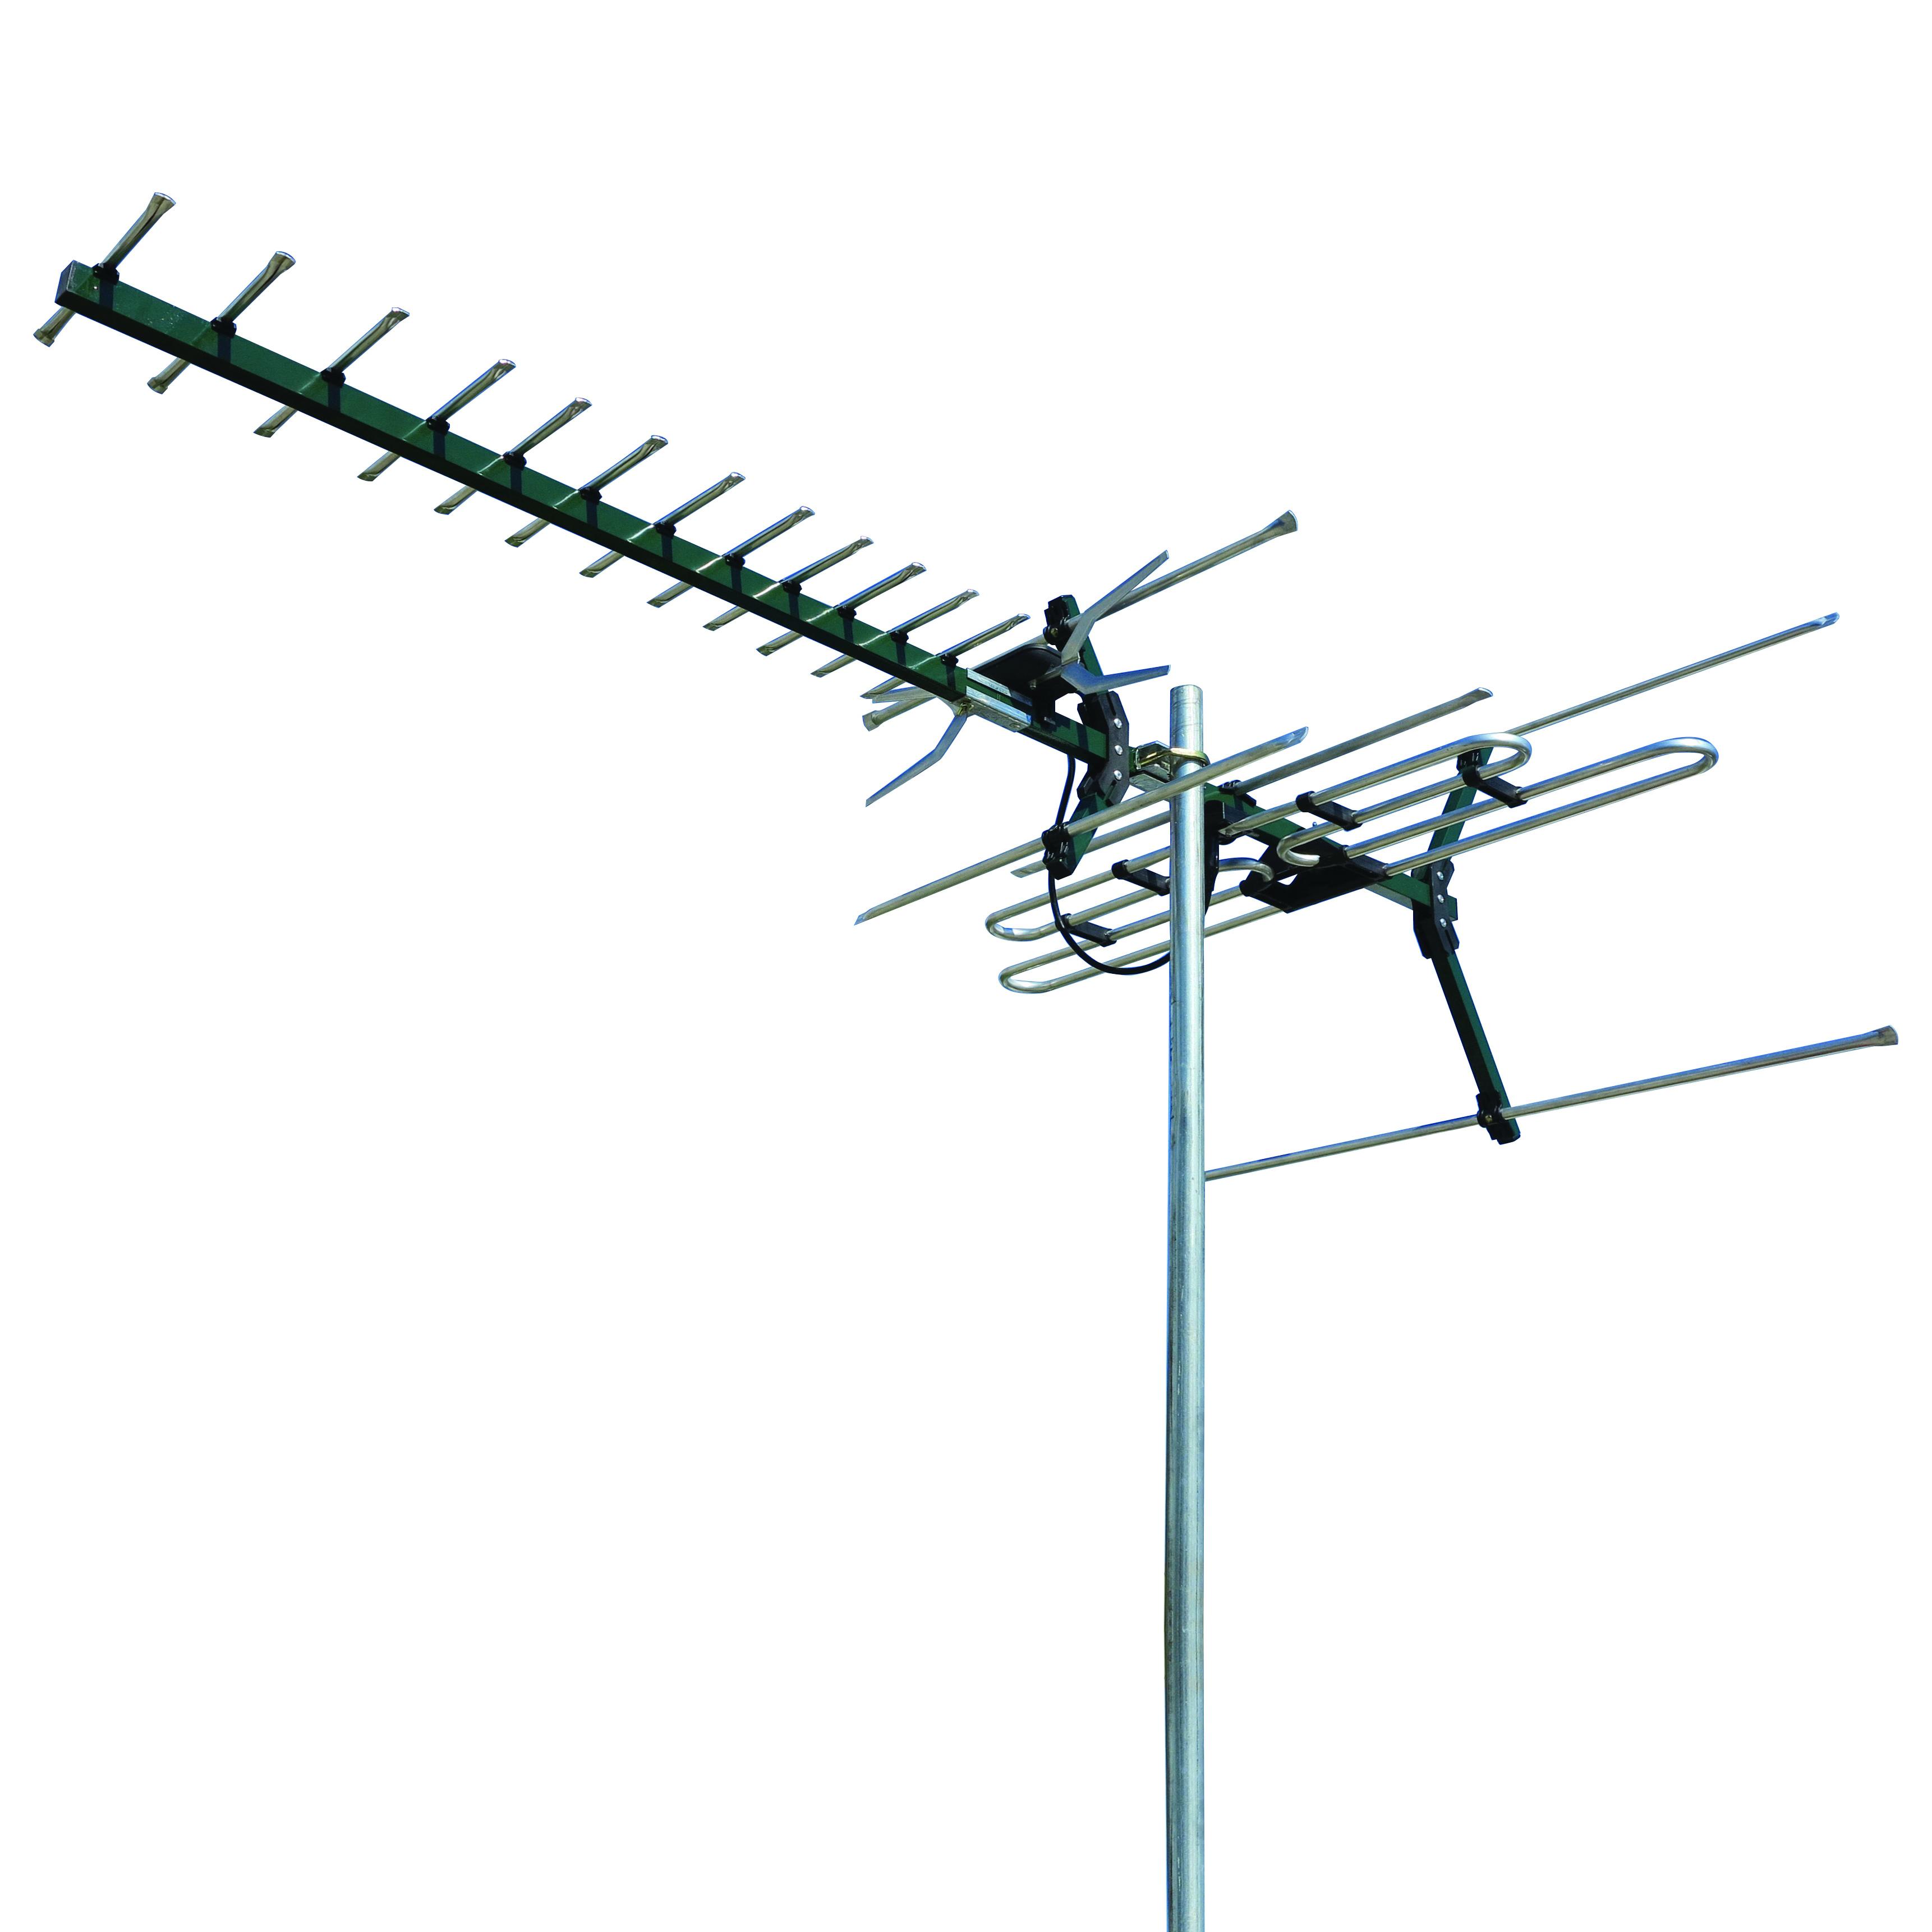 Digital TV Antennas - Matchmaster Digital TV Antenna